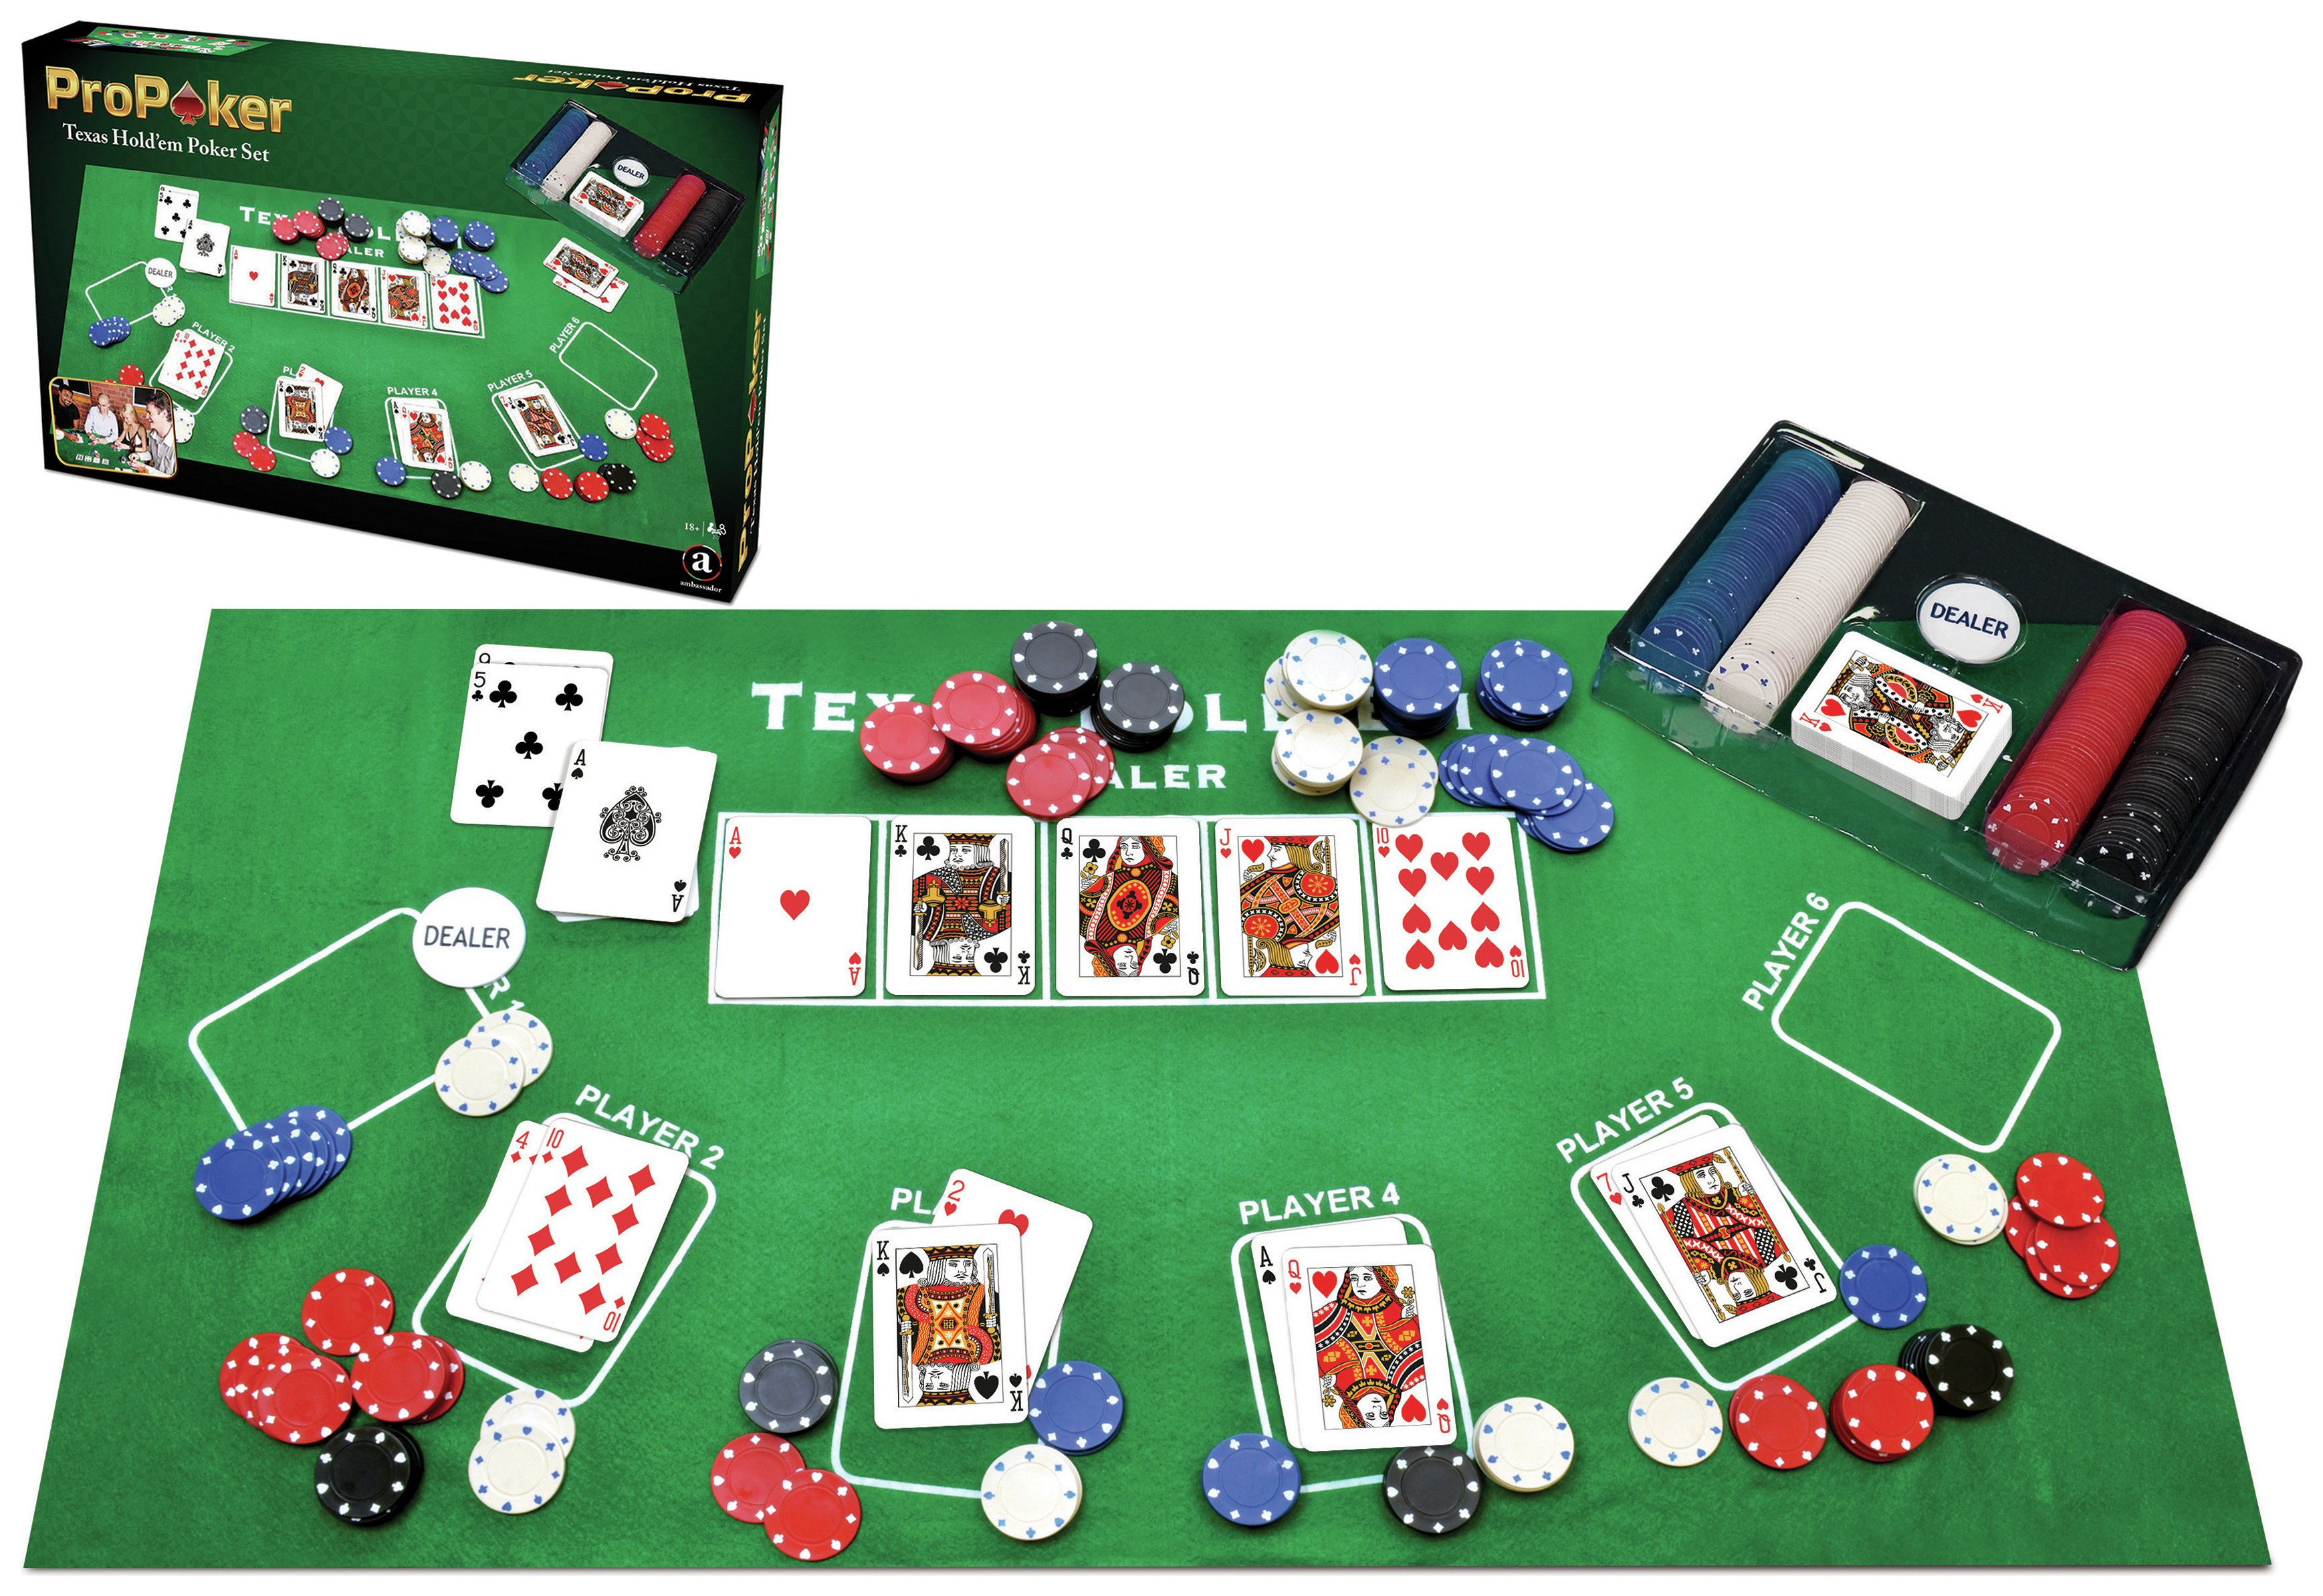 pro-poker-texas-holdem-poker-set